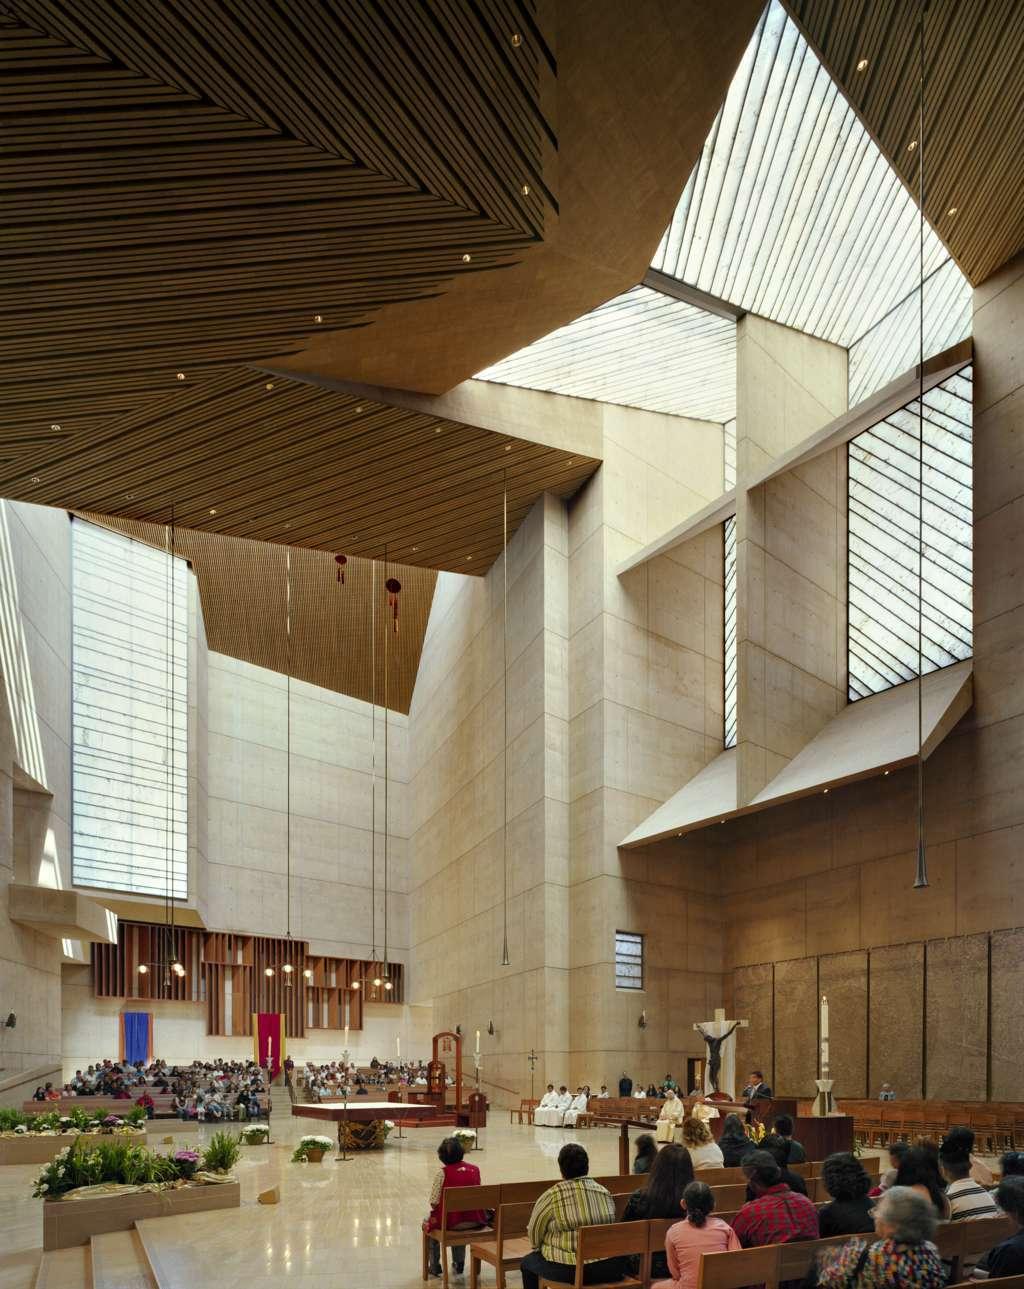 Le due viste laterali evidenziano i rapporti tra altare, cattedra, presidenza, coro, ambone. Il protagonismo dell'altare ? evidente.